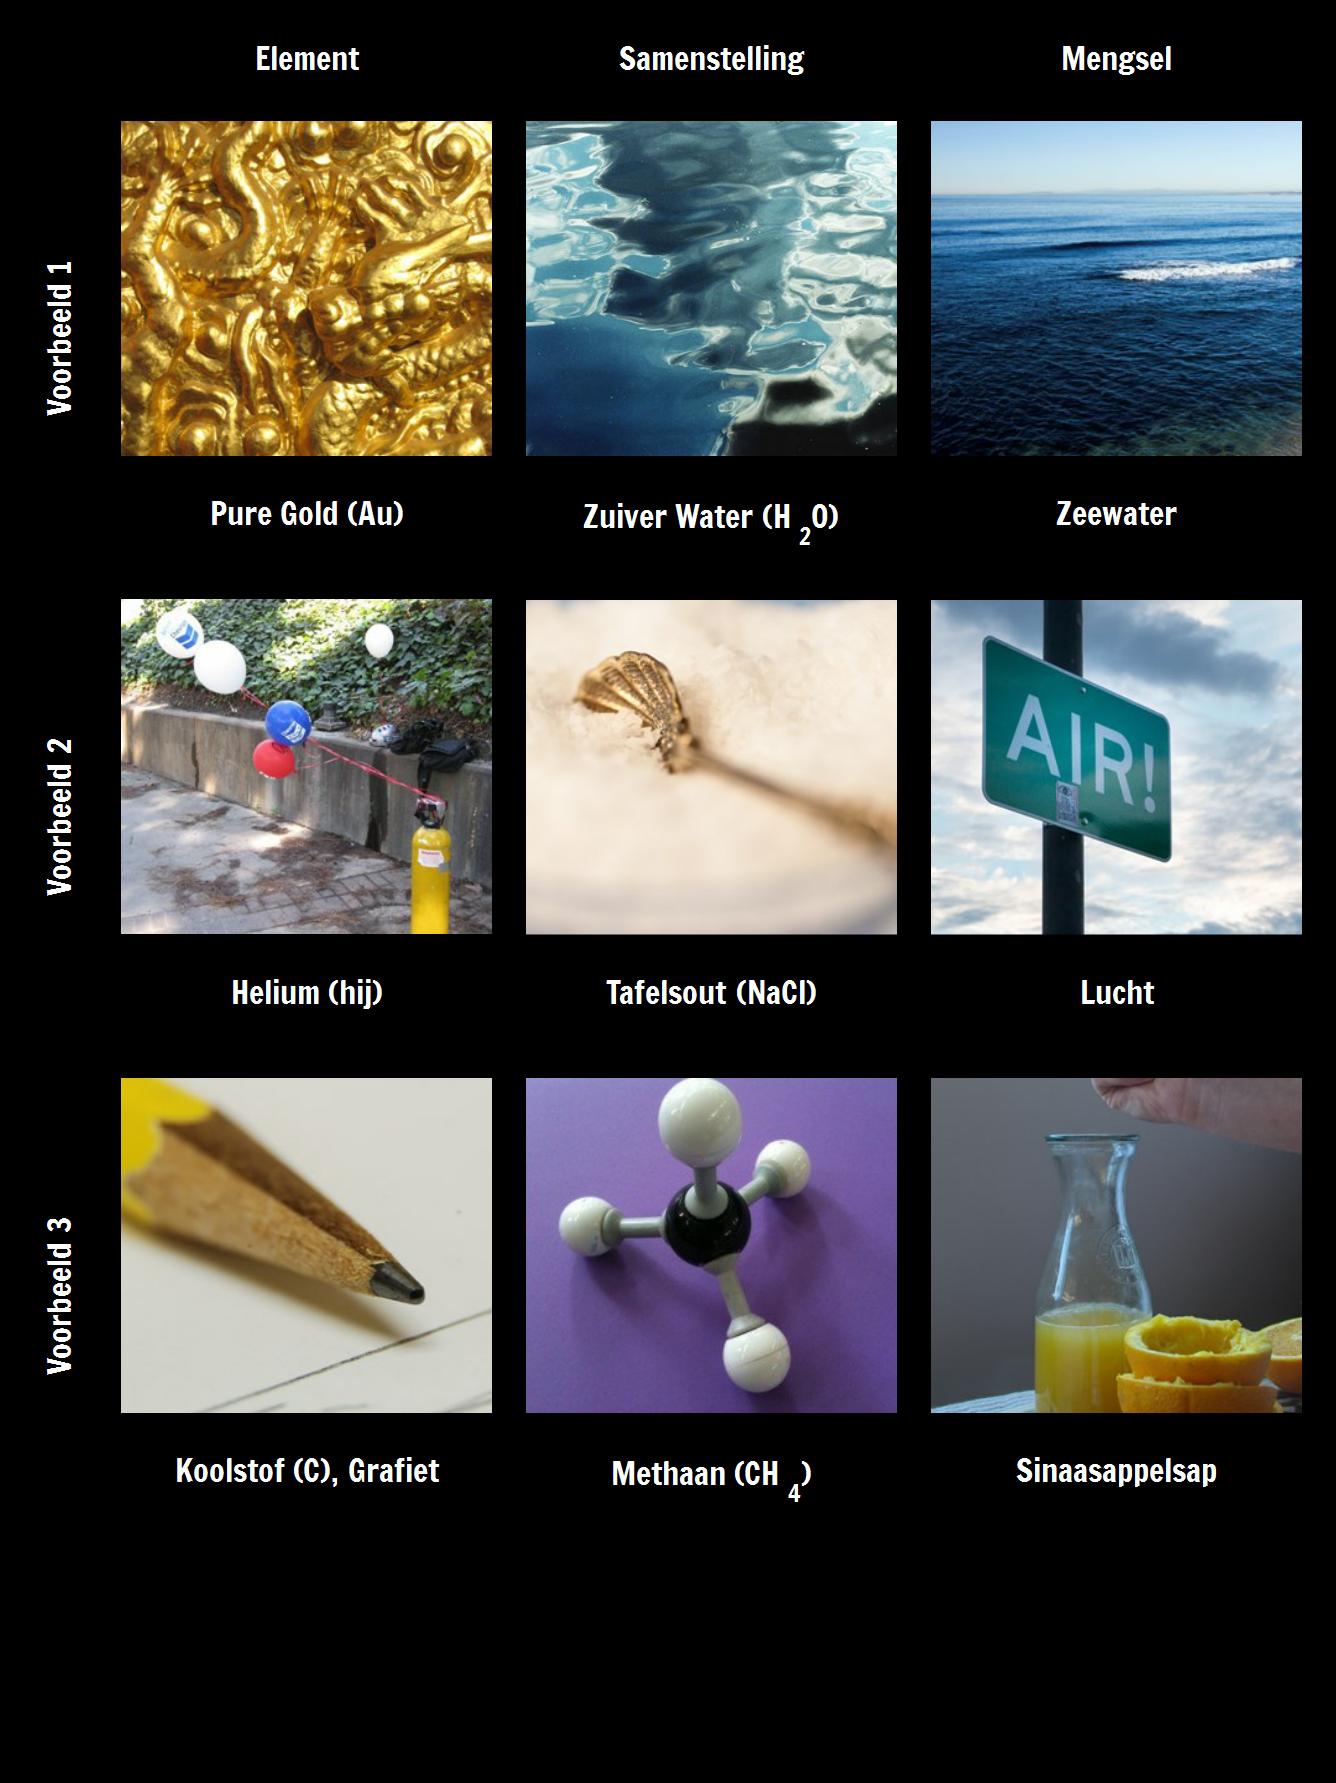 Voorbeelden Van Elementen Verbindingen En Mengsels